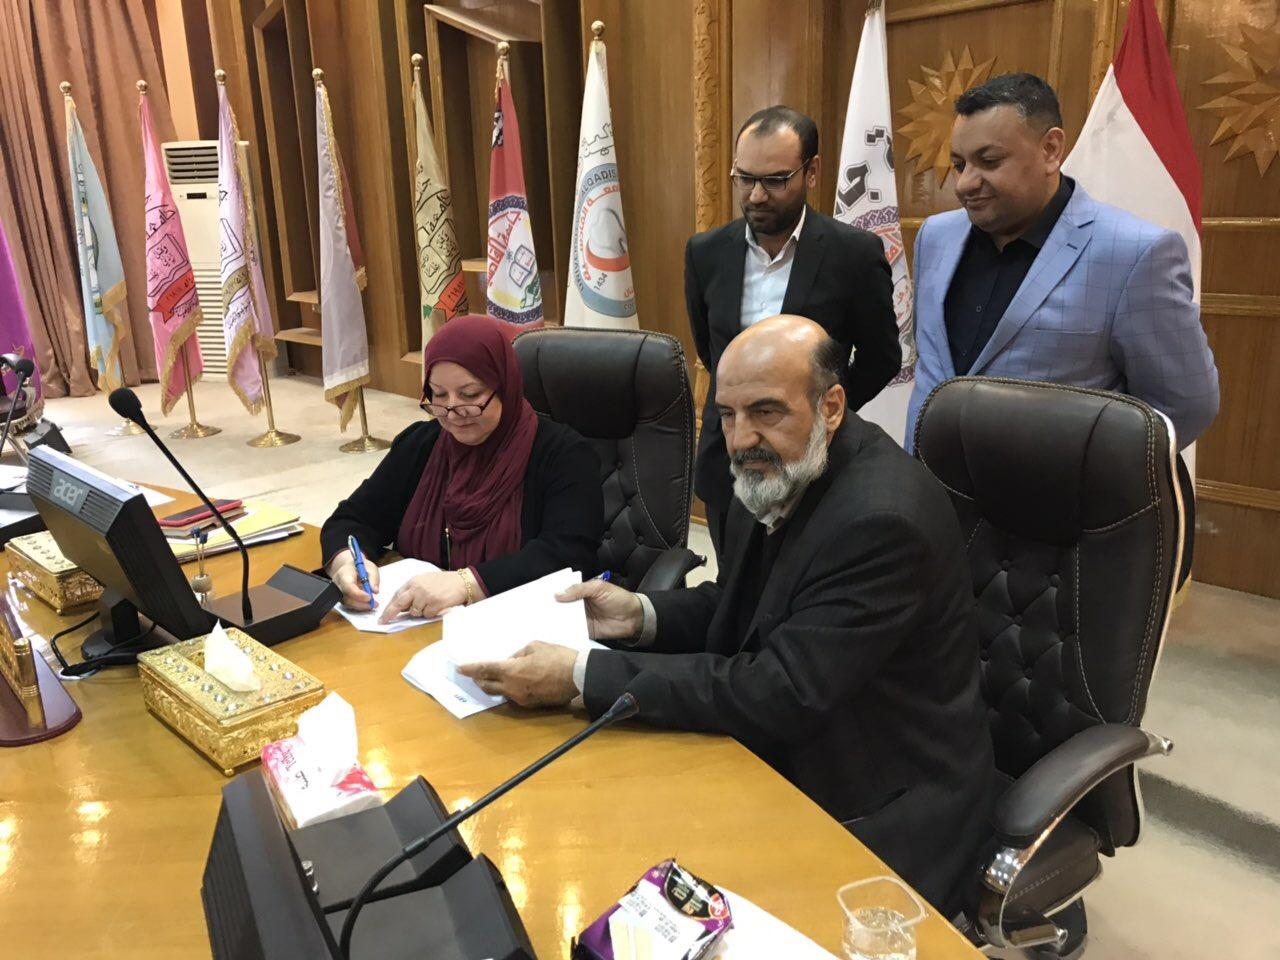 توقيع اتفاقية بين جامعة القادسية ومؤسسة IEEE العالمية في نشر البحوث الرصينة